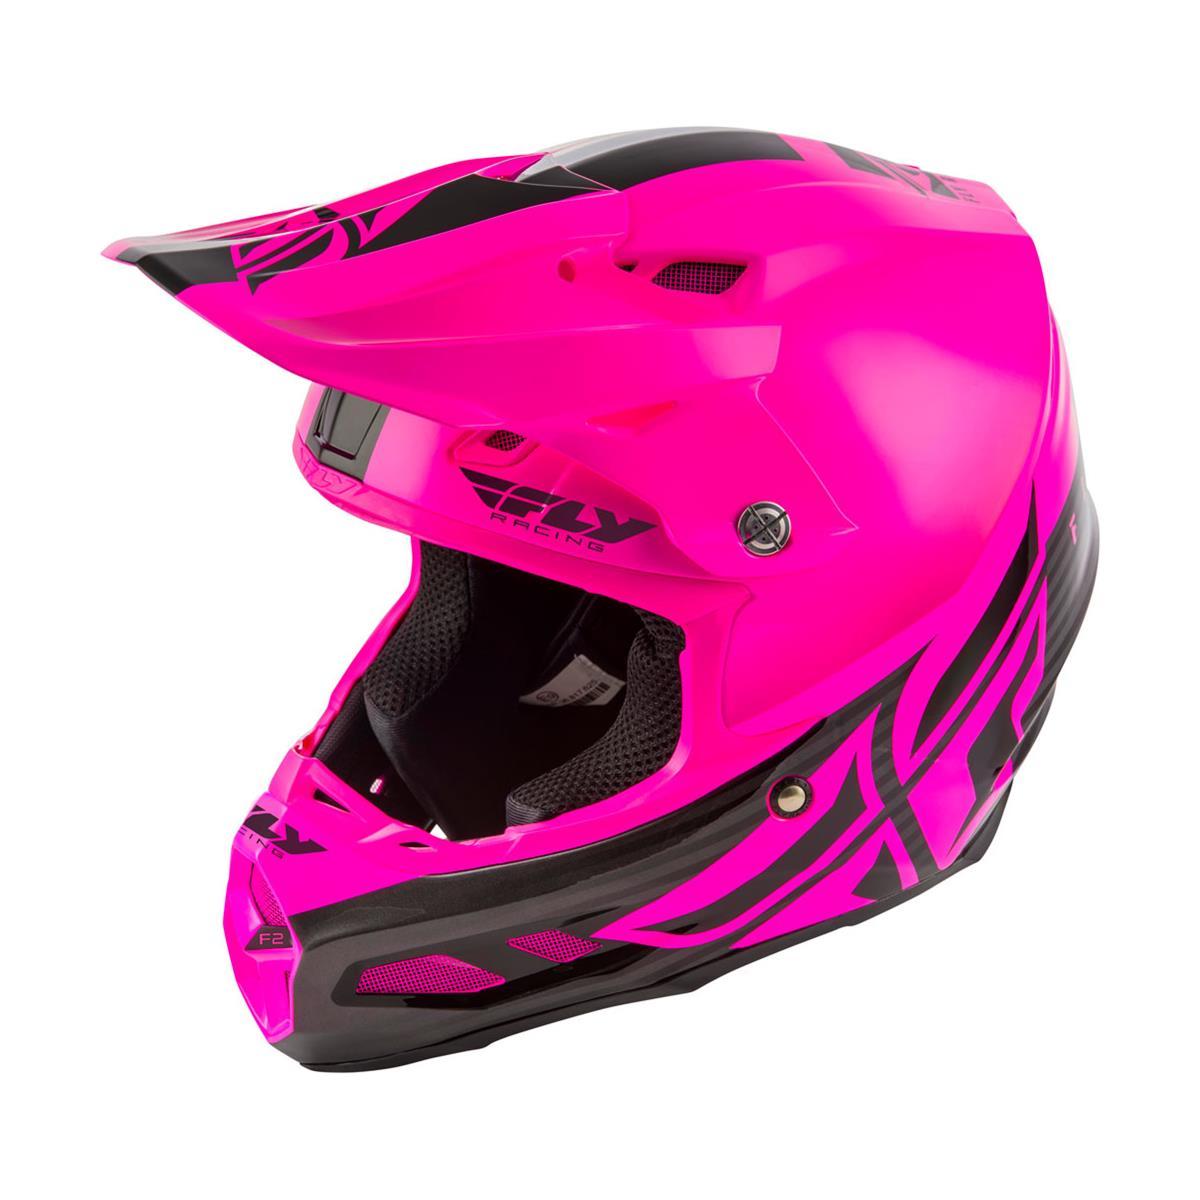 Fly Racing Helmet F2 Carbon MIPS Black/Pink